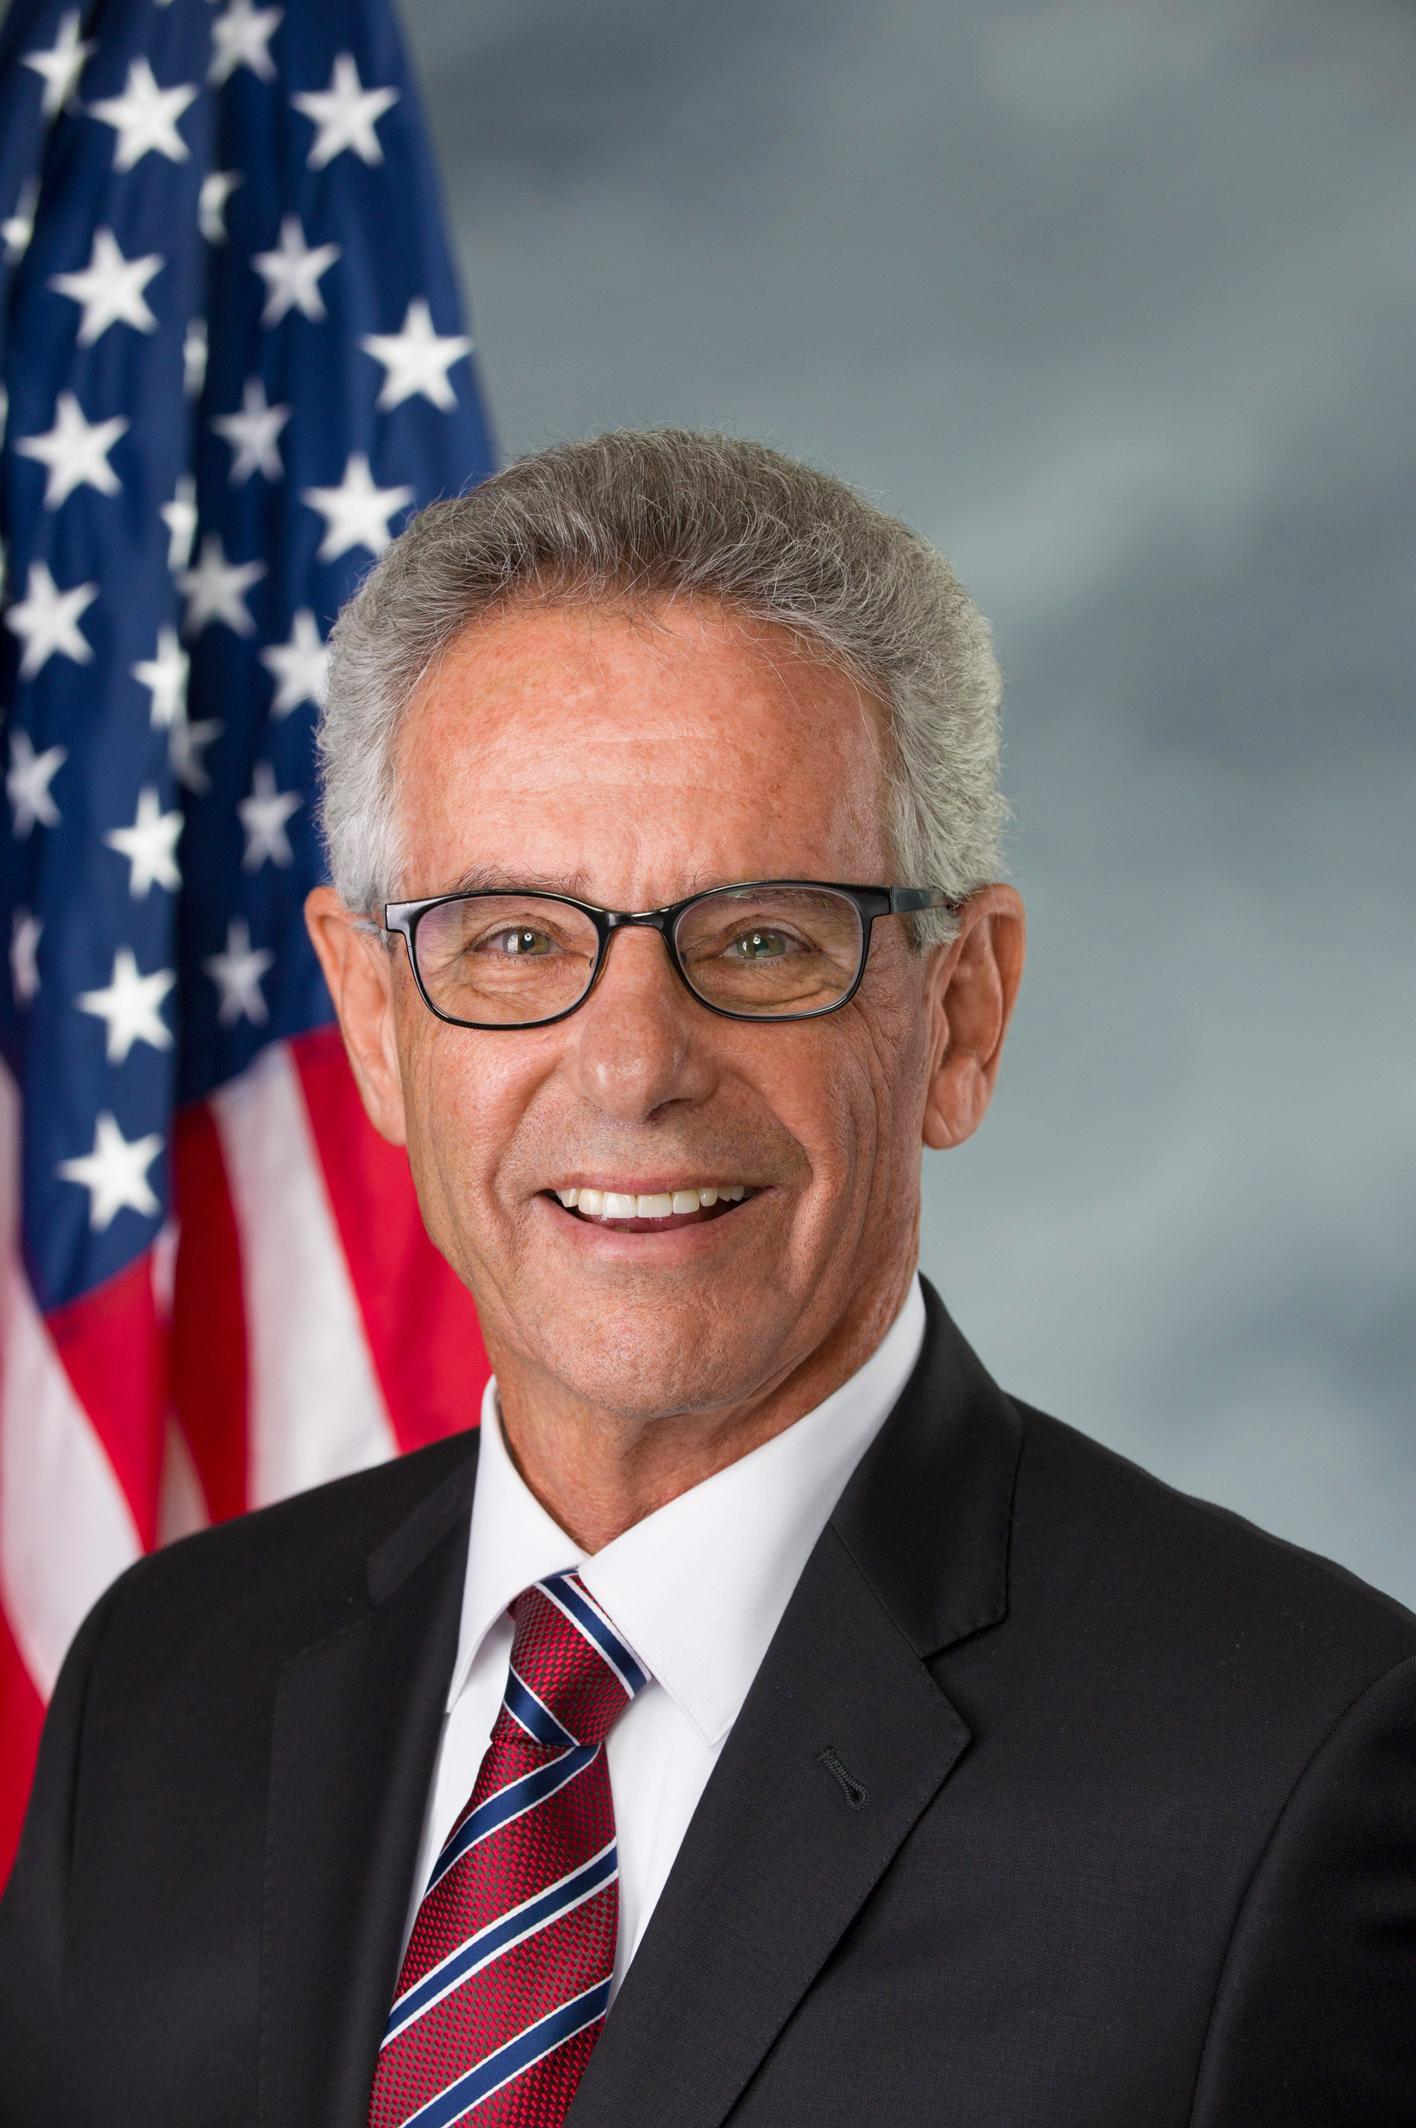 Congressman Alan Lowenthal, D-Long Beach, CA